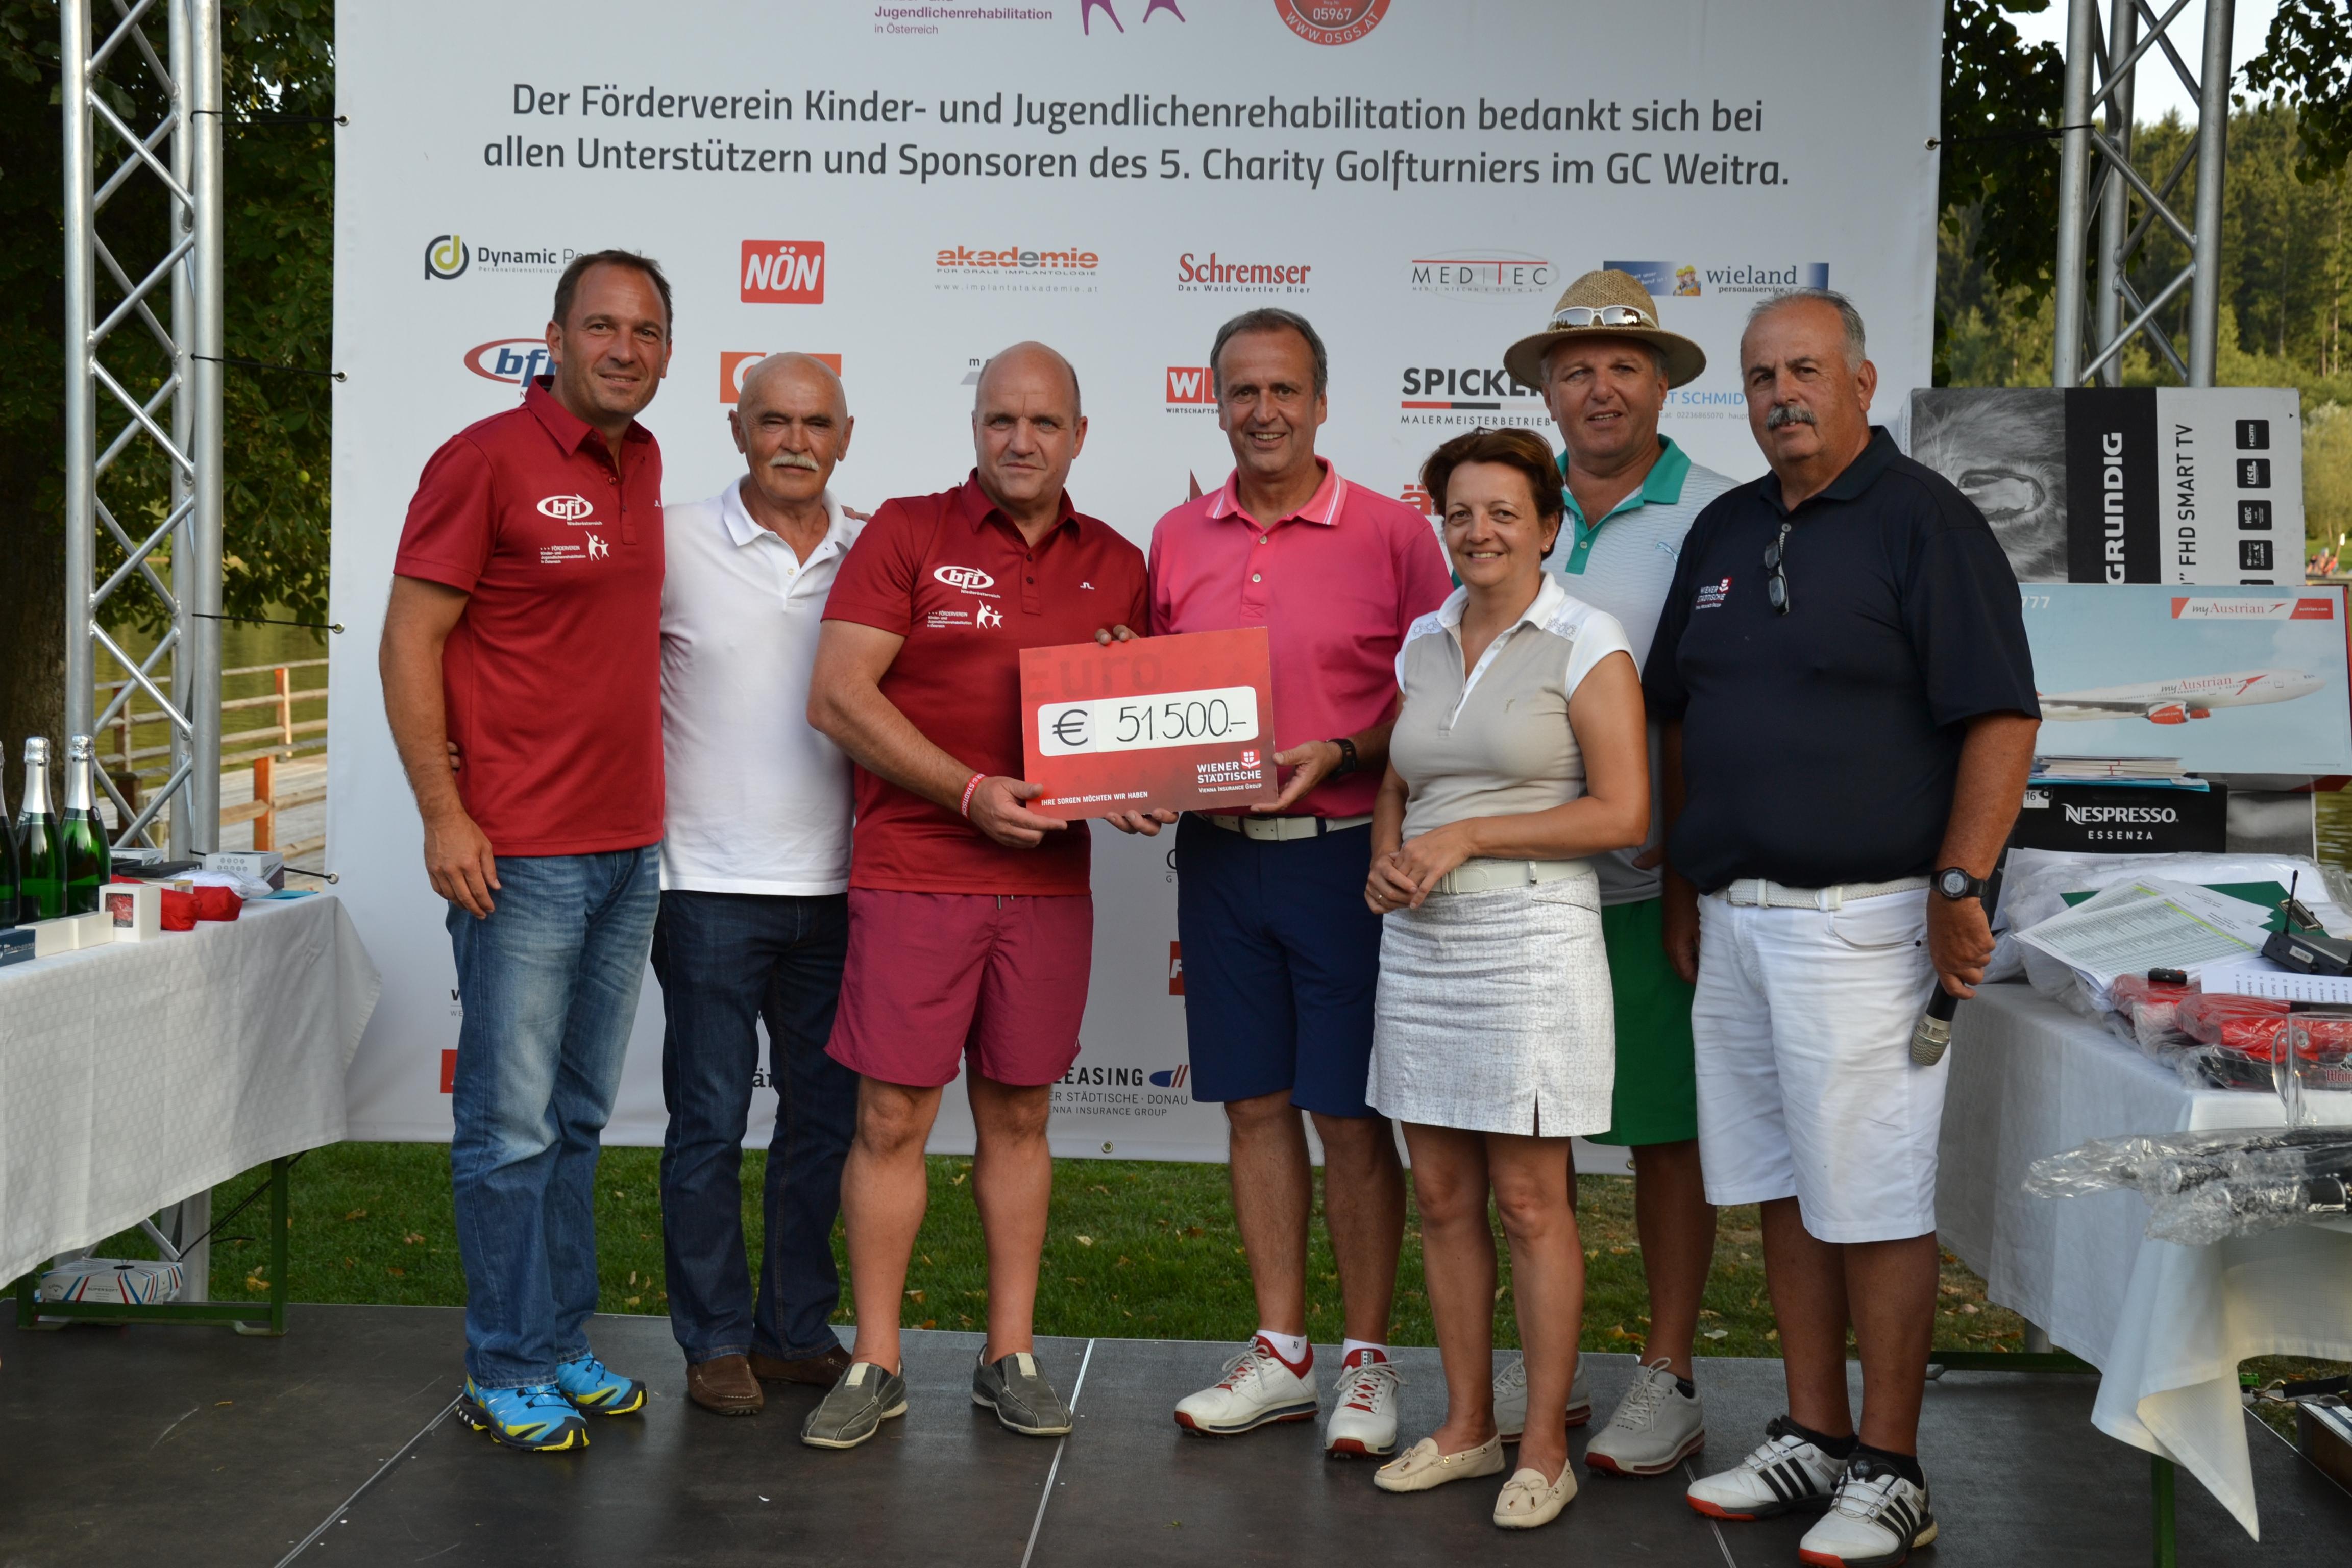 Abschlag für den guten Zweck: 5. Golf-Charity-Turnier in Weitra